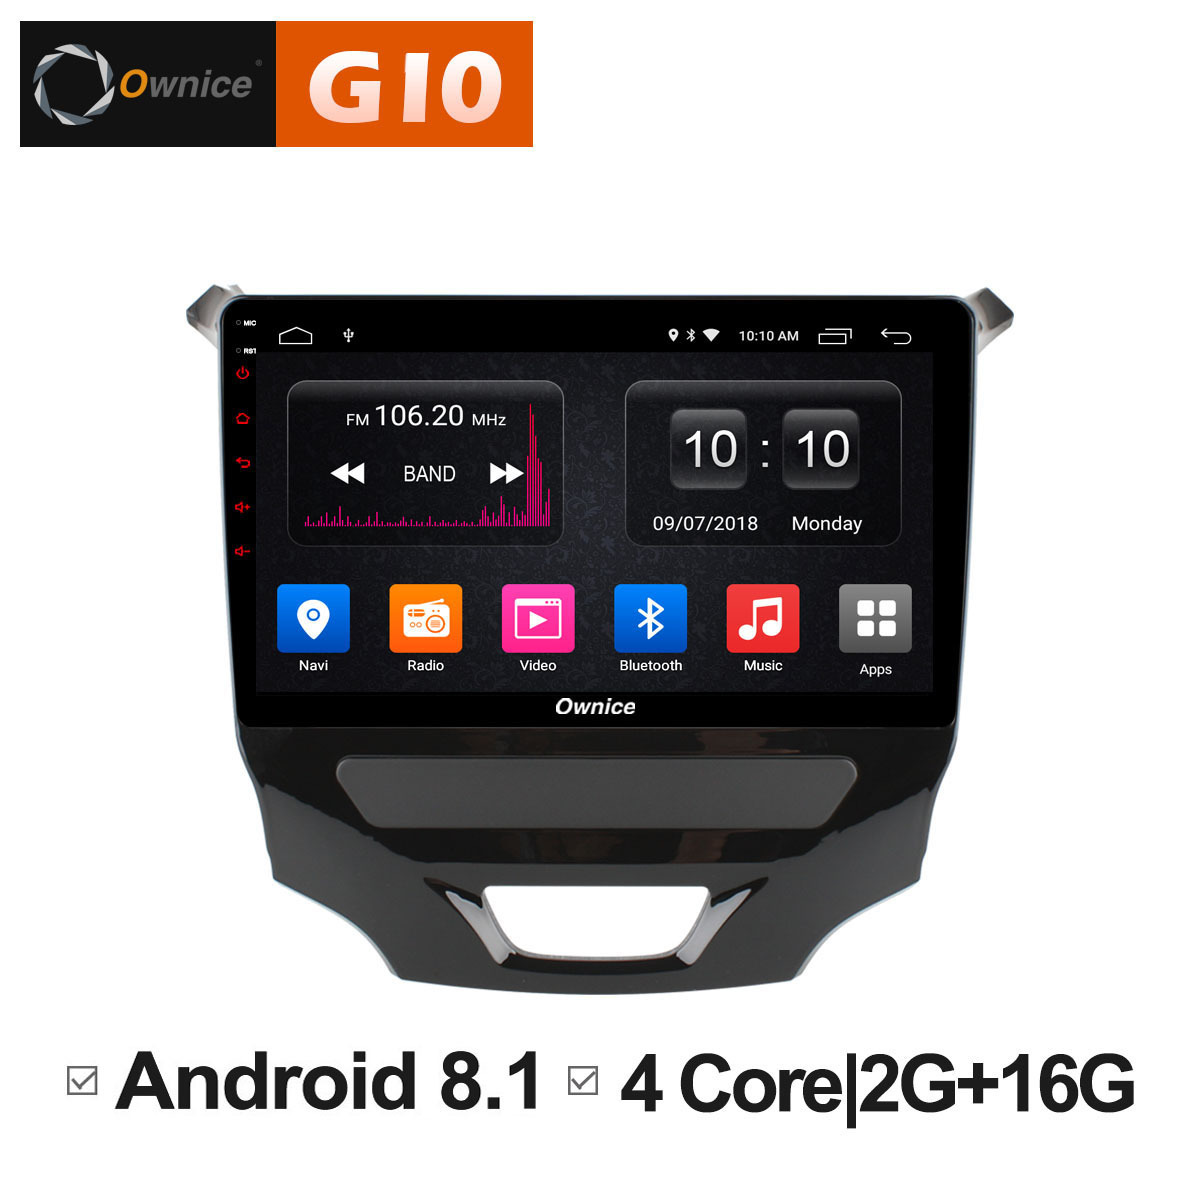 Pour CHEVROLET CRUZE 2015 voiture android 8.1 unité Auto stéréo Audio Radio DVD système de divertissement Intelligent lecteur multimédia PC